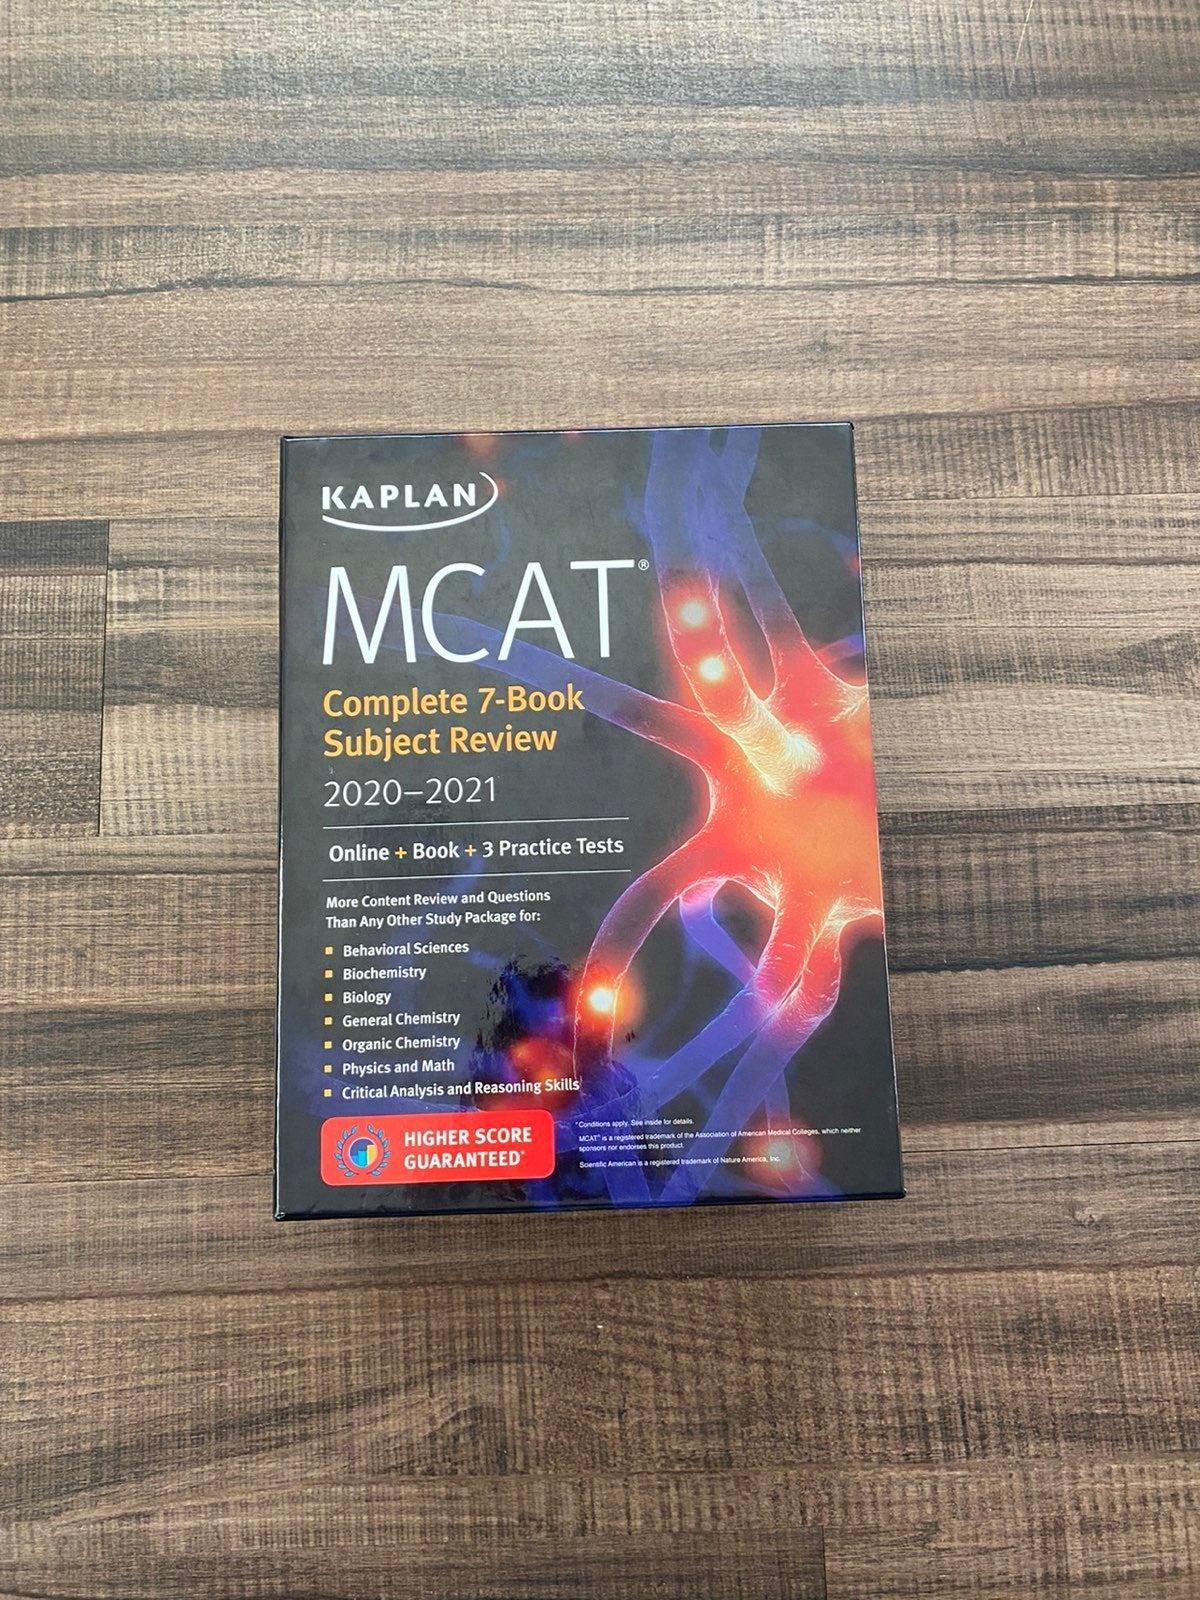 Kaplan MCAT books 2020/2021